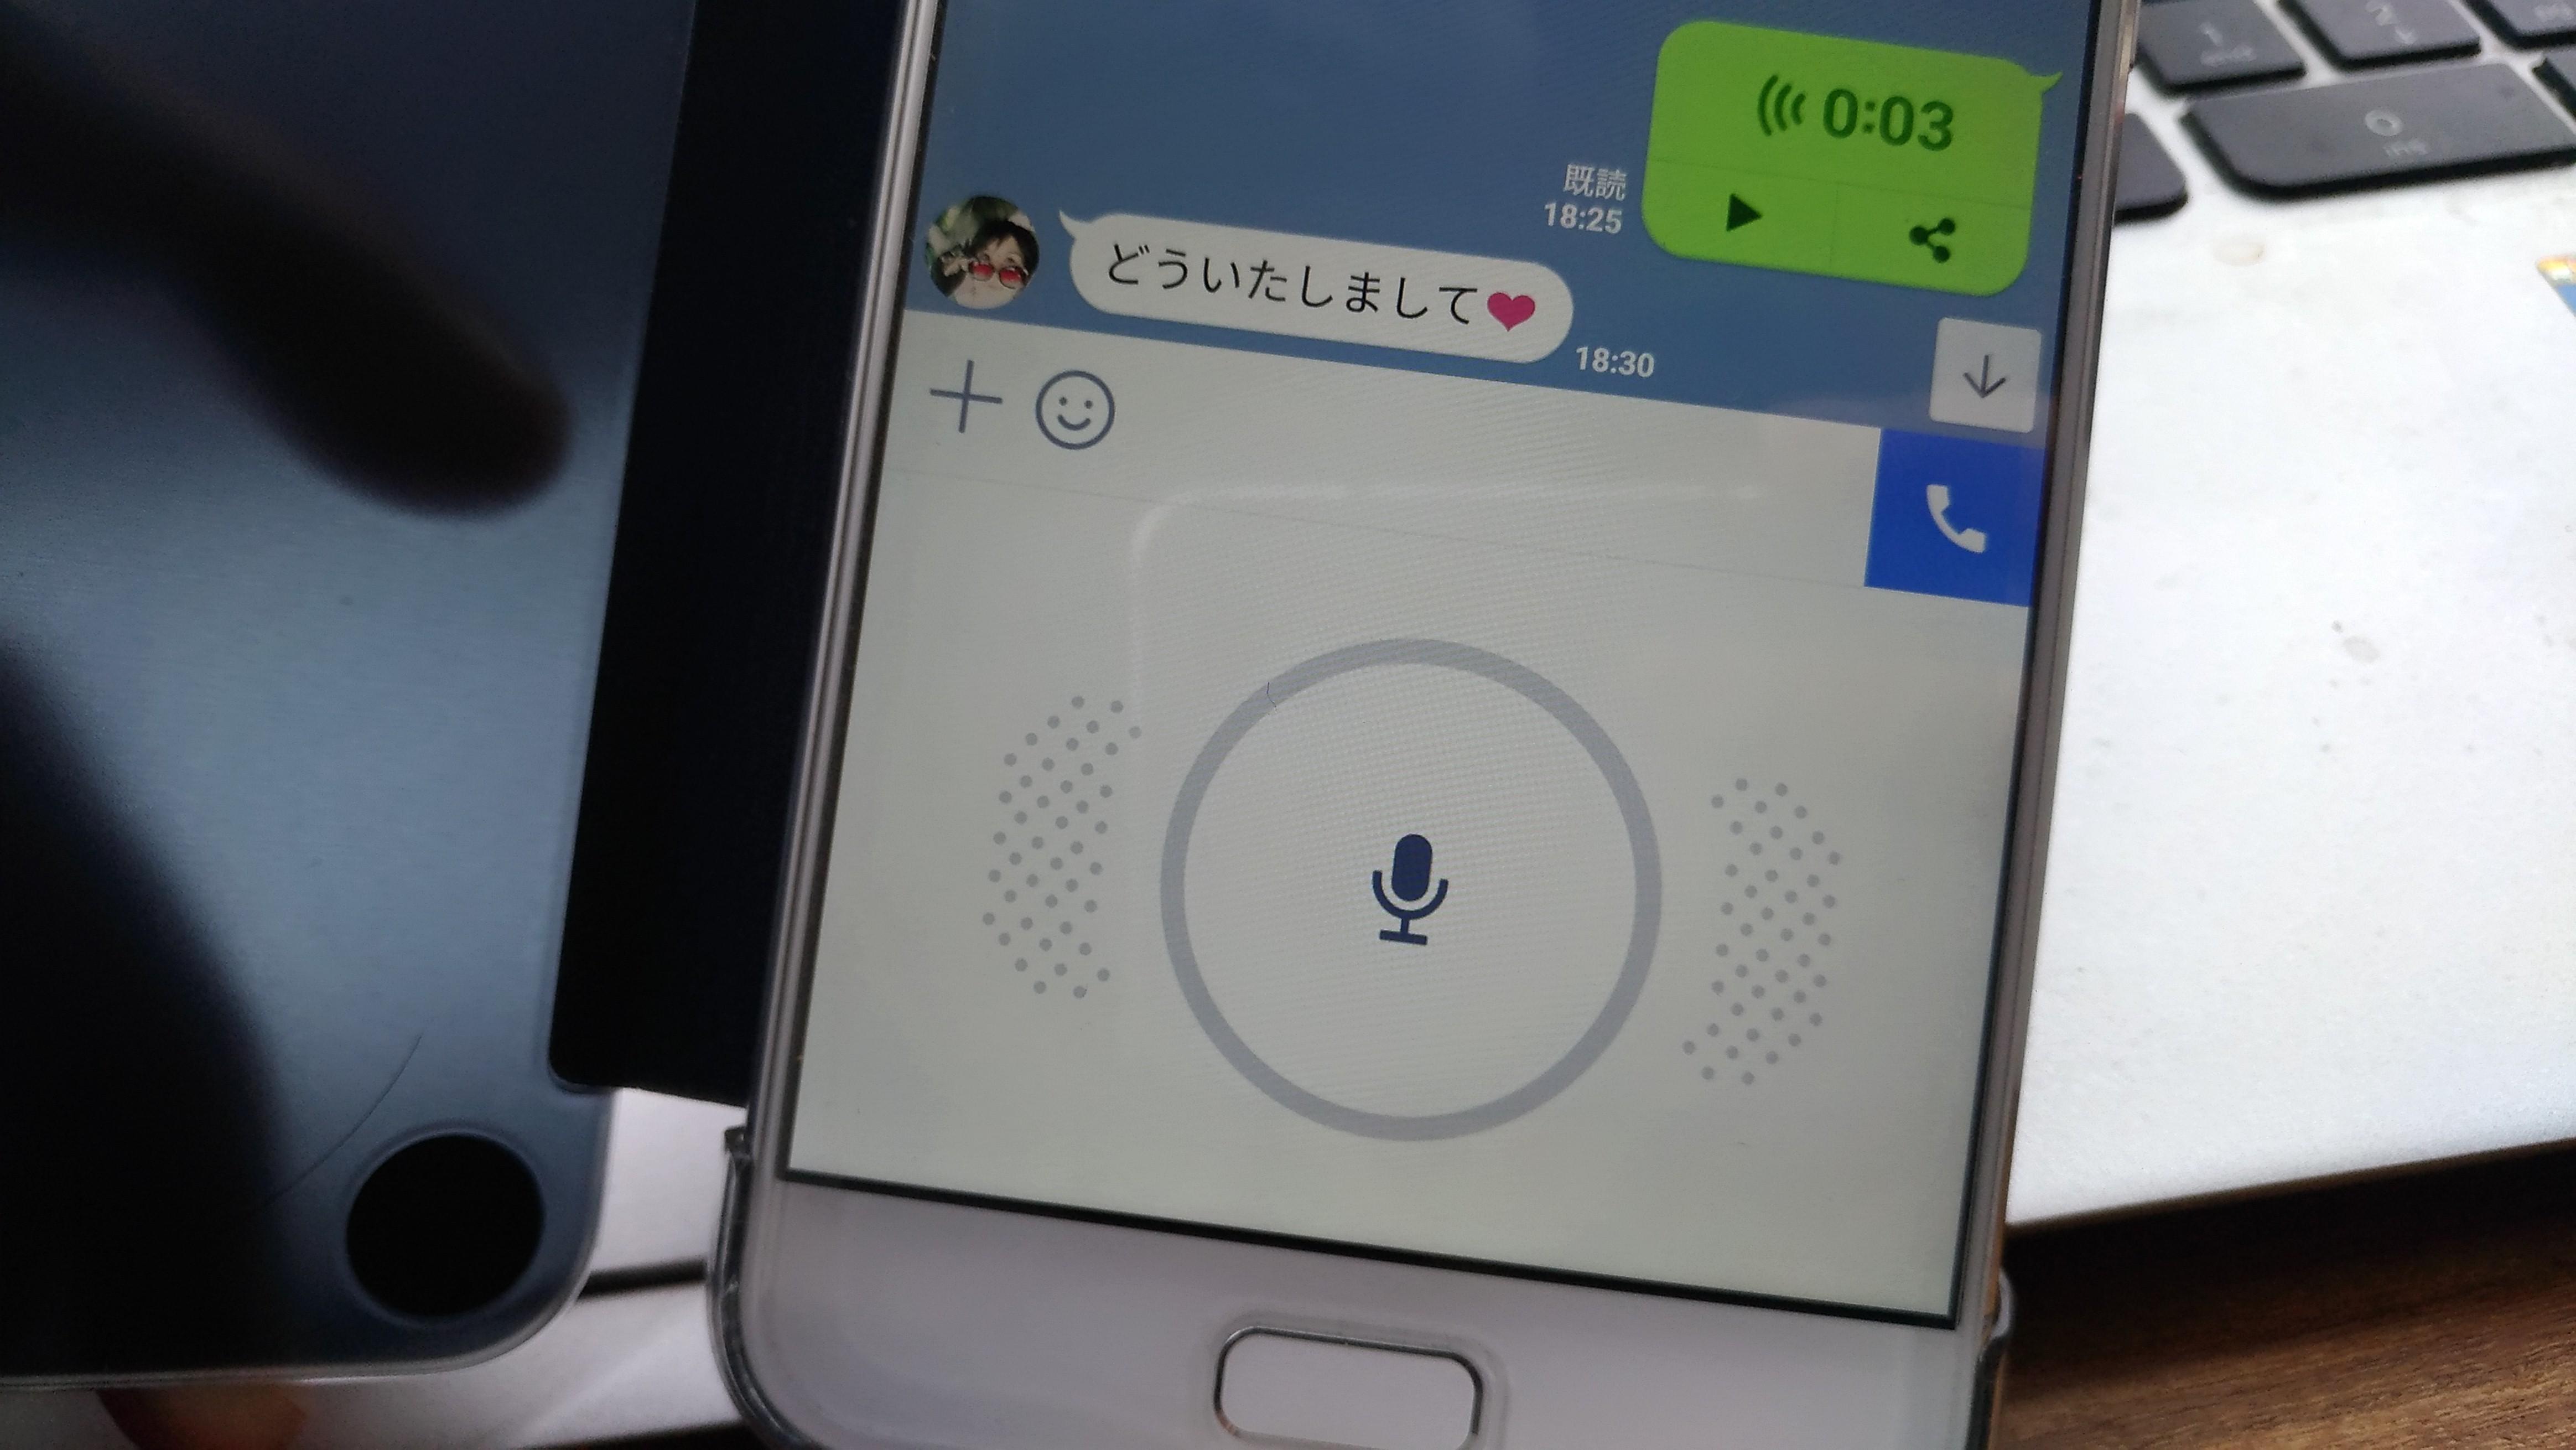 ボイスメッセージを送る方法